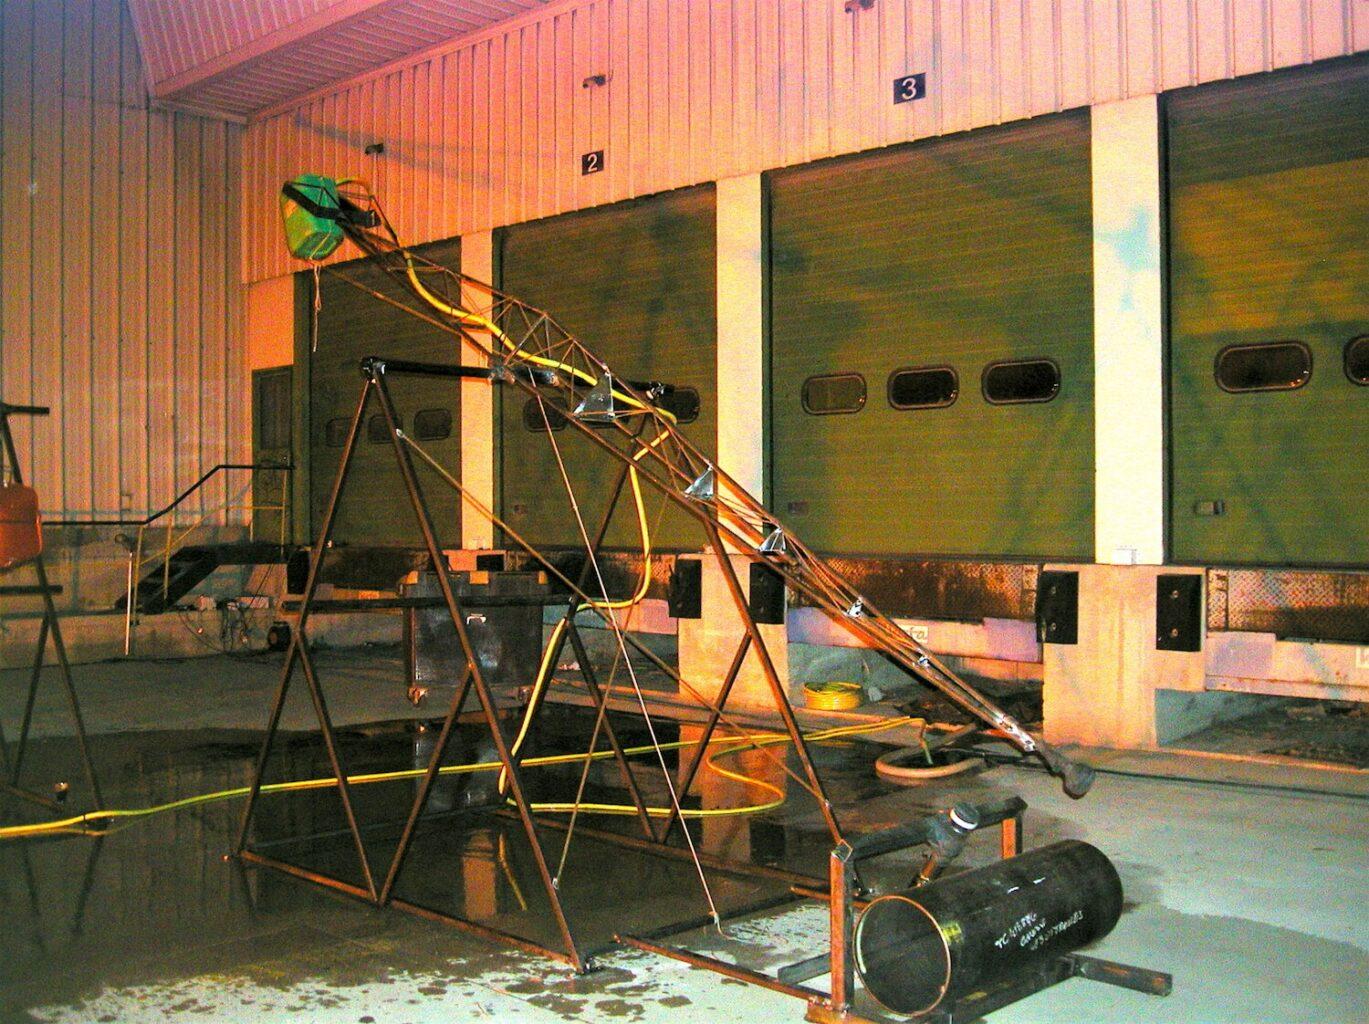 Photographie montrant des structures métalliques articulées de plusieurs mètres de hauteur percutant un gros cylindre métallique horizontal